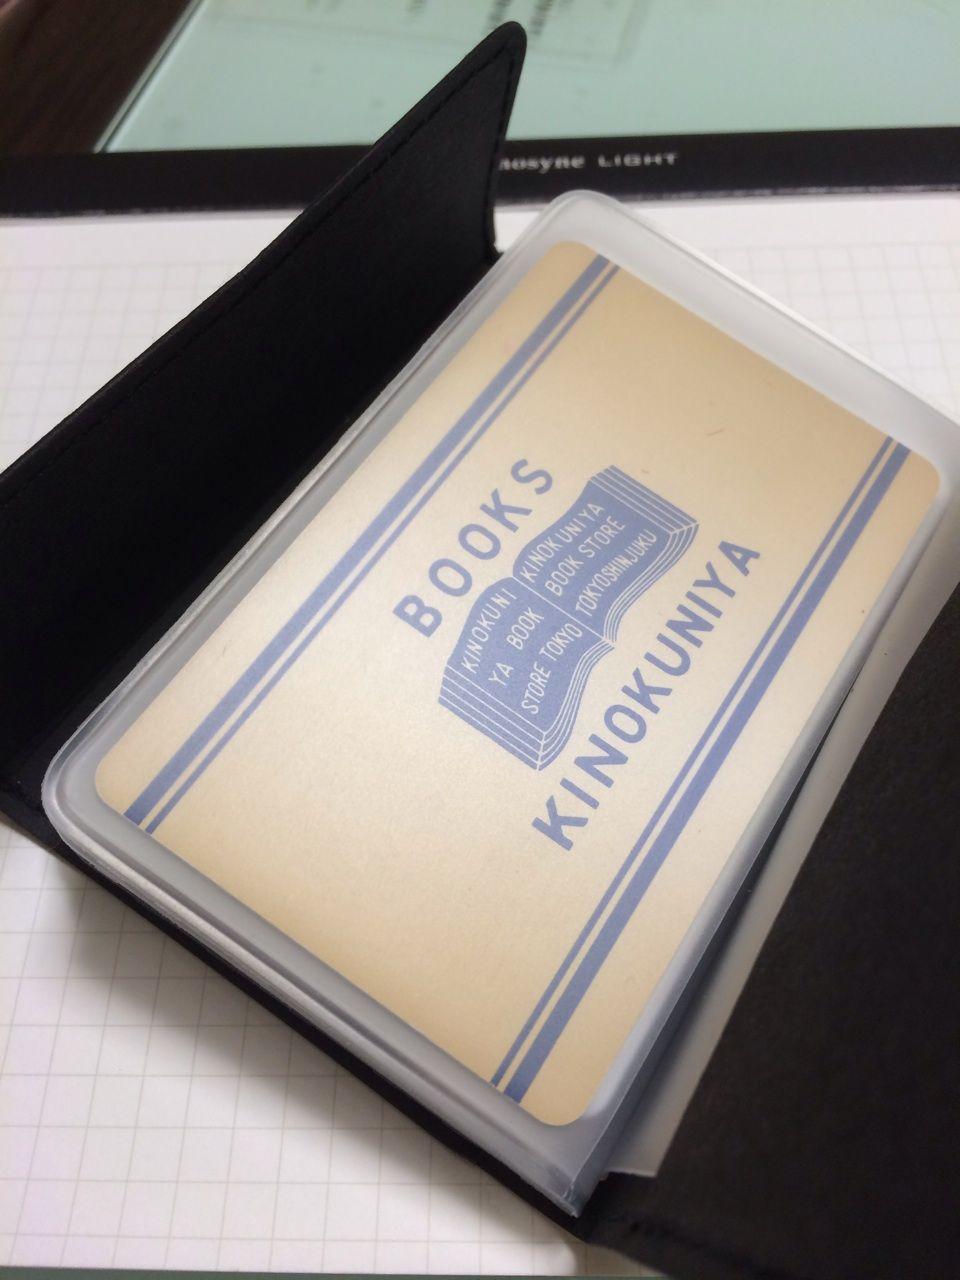 本好きならば必携のカード「紀伊国屋書店ポイントカード」をはじめ、 「ソフトバンクホークス ファン倶楽部会員証」